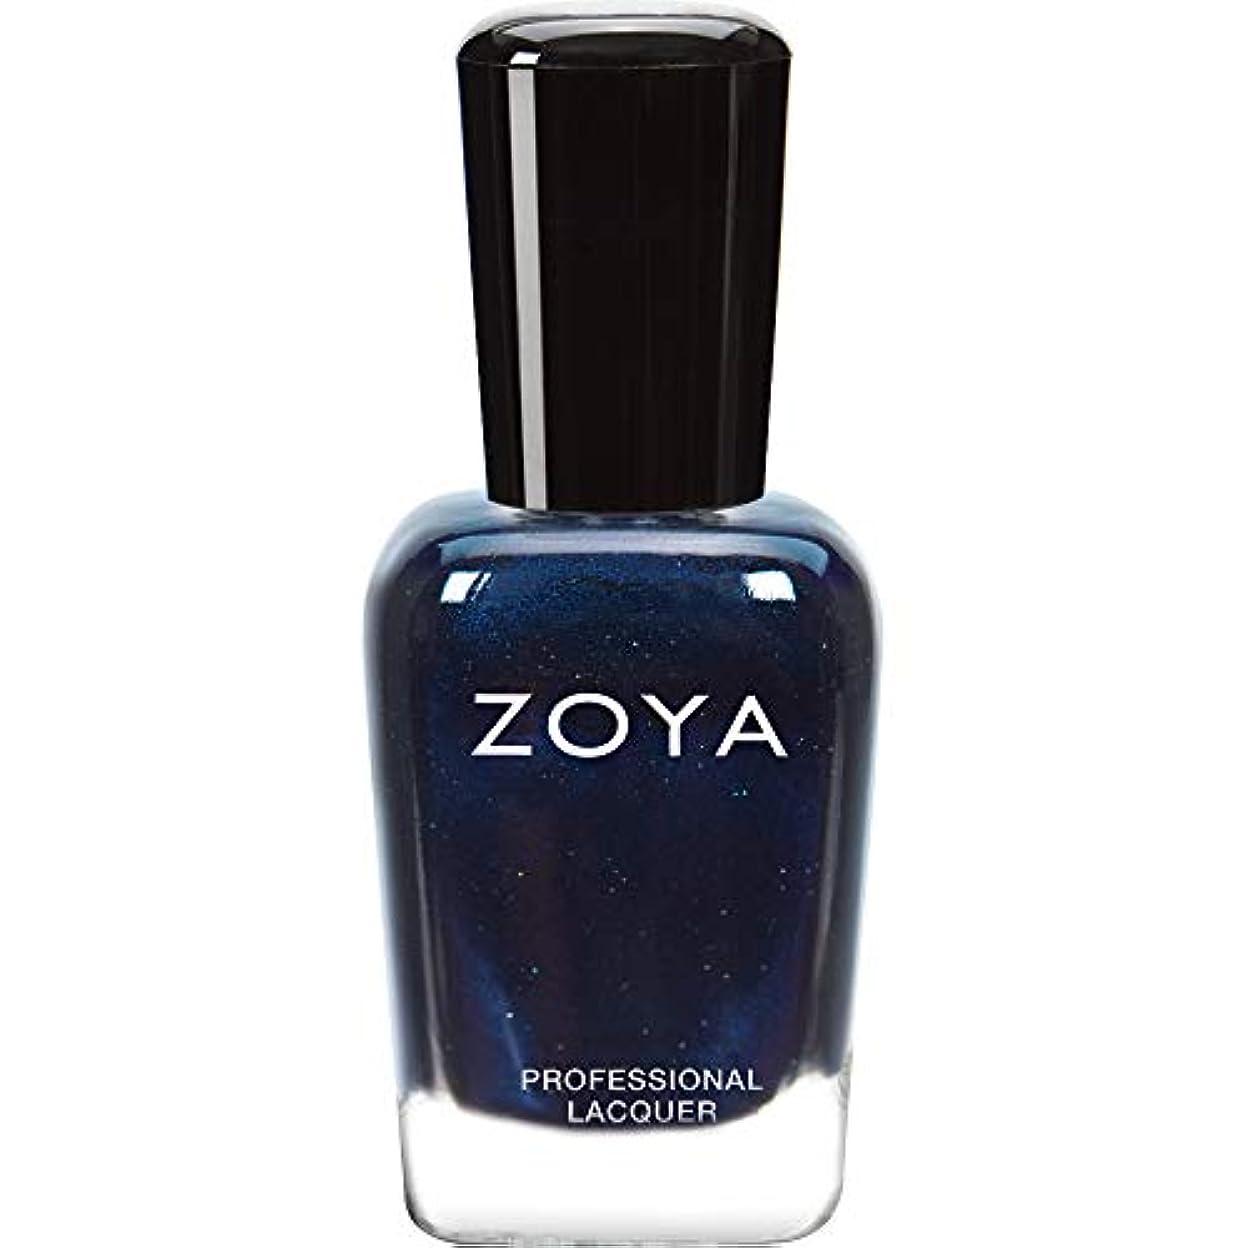 沿って二十解説ZOYA ゾーヤ ネイルカラー ZP415 INDIGO インディゴ 15ml 深いインディゴブルー マット?グリッター/メタリック 爪にやさしいネイルラッカーマニキュア